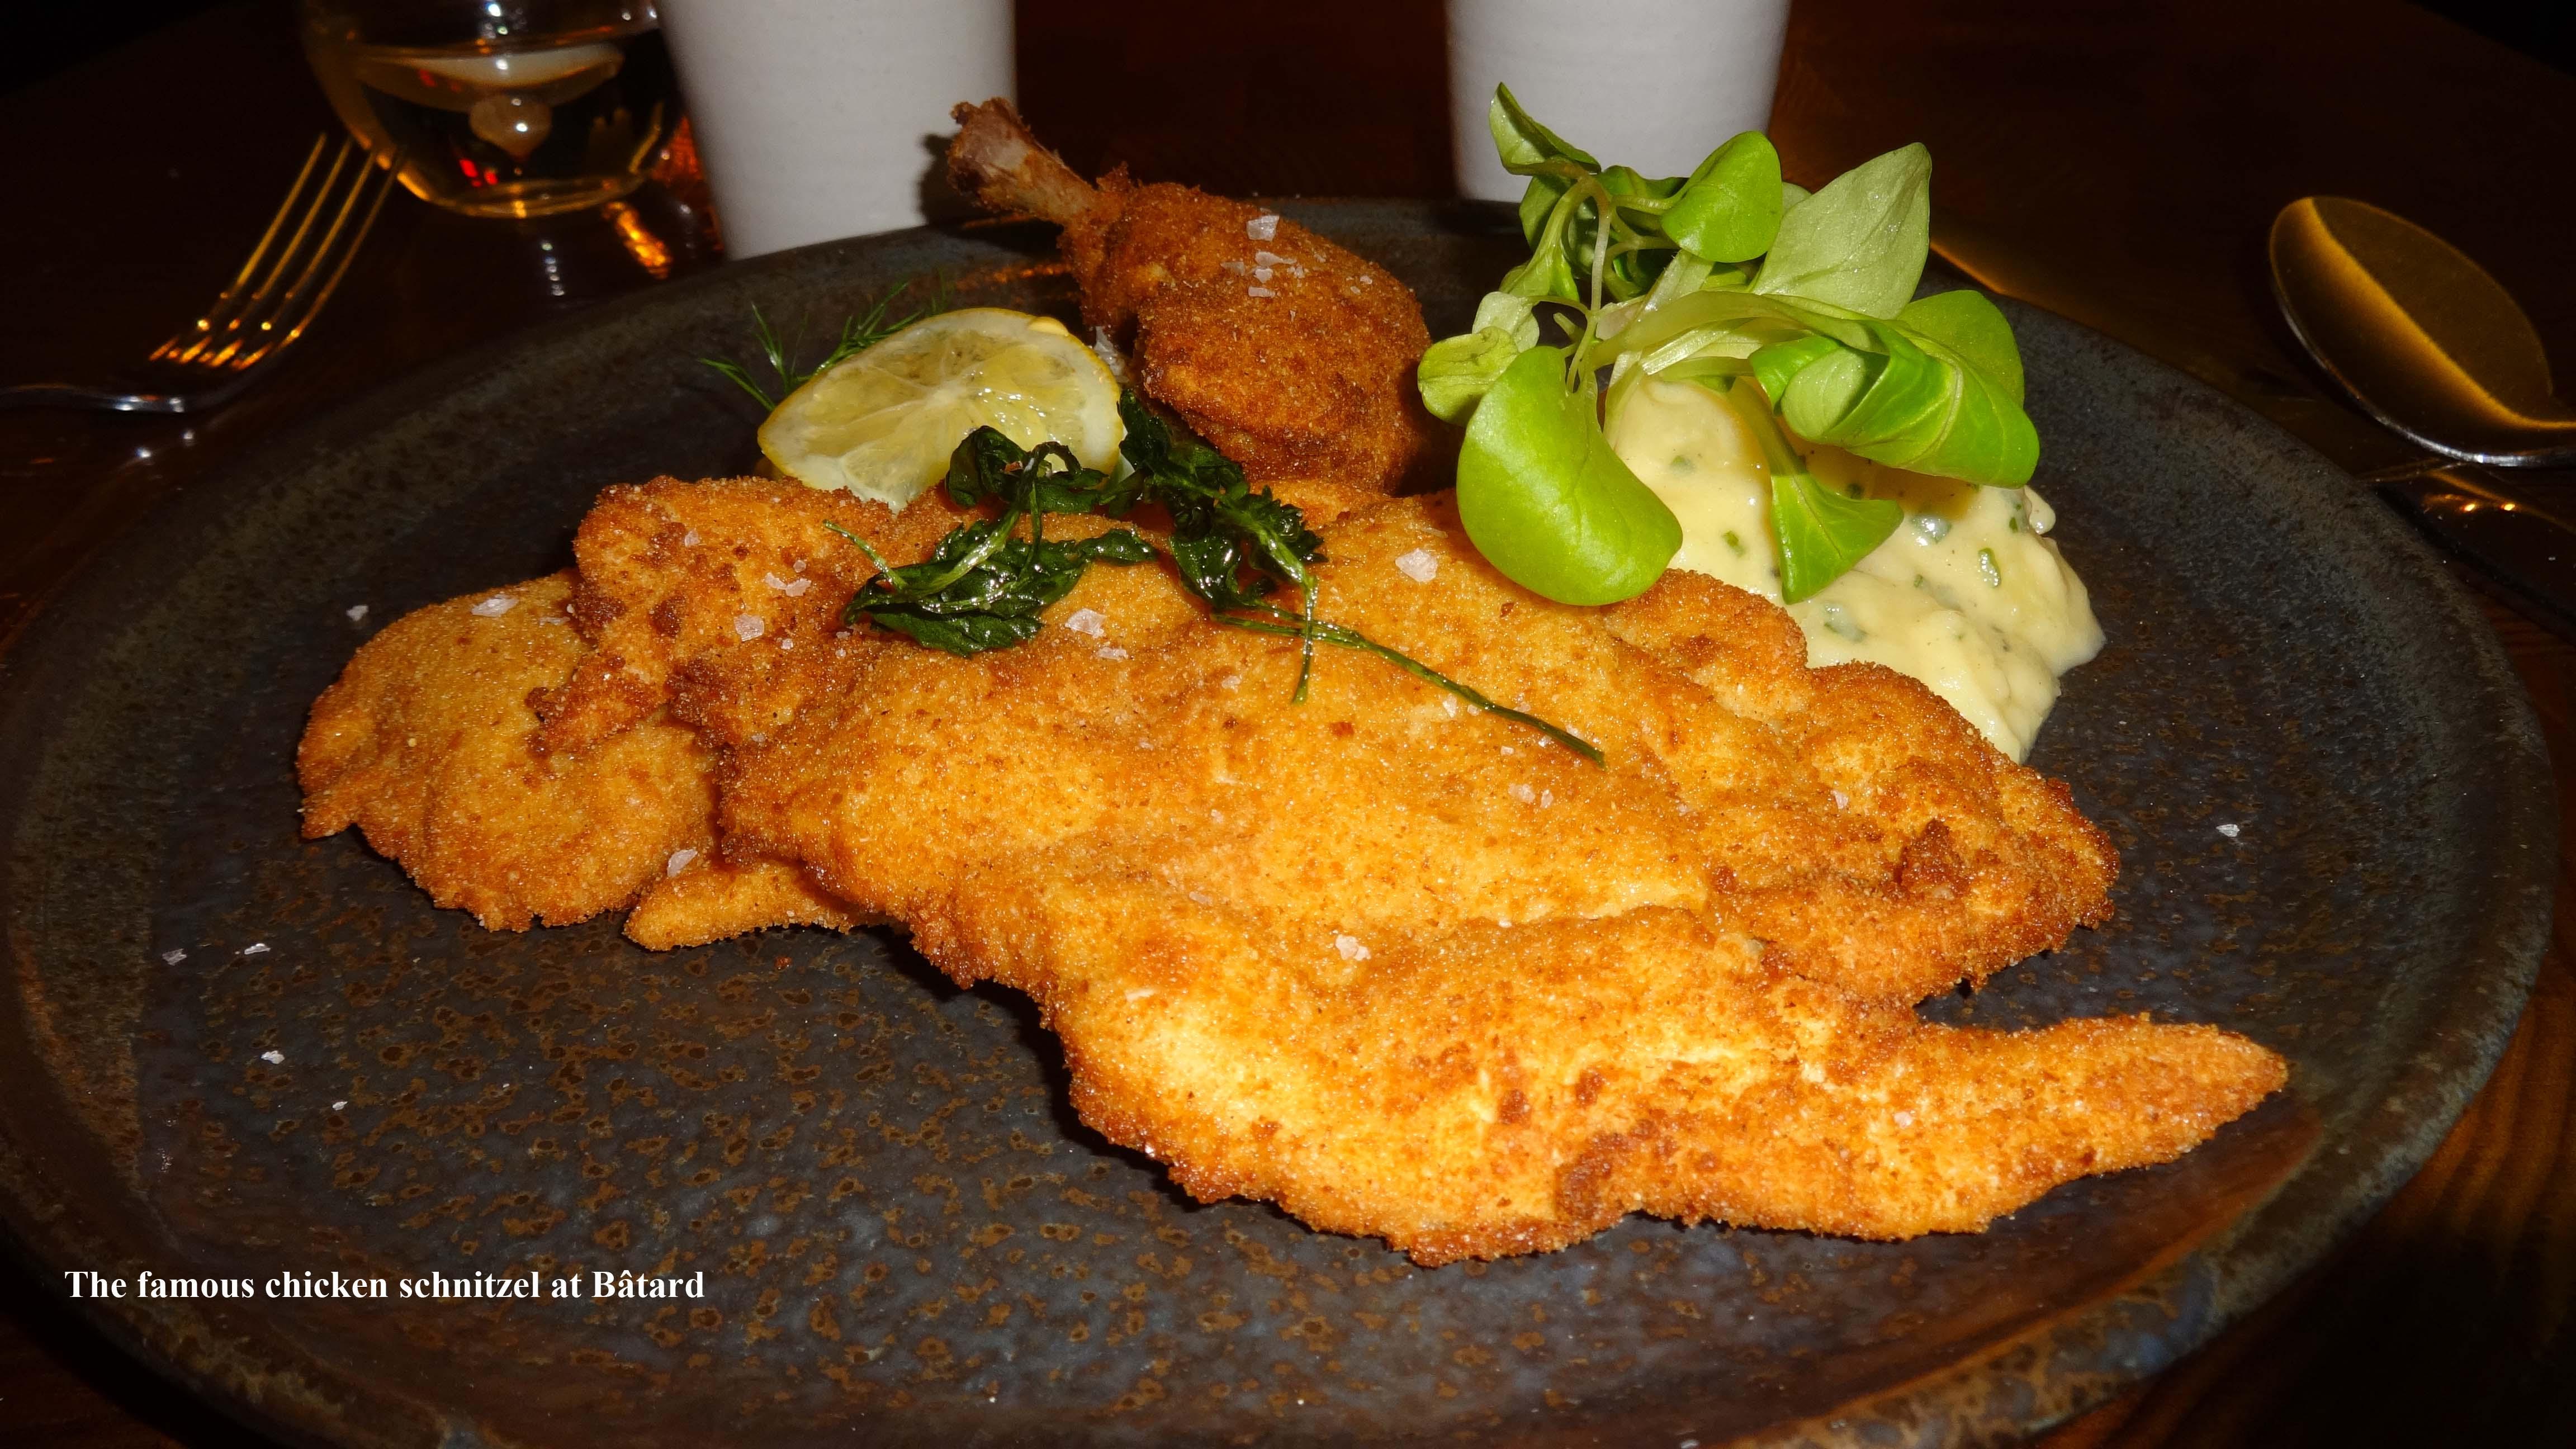 Chicken schnitzel at Batard